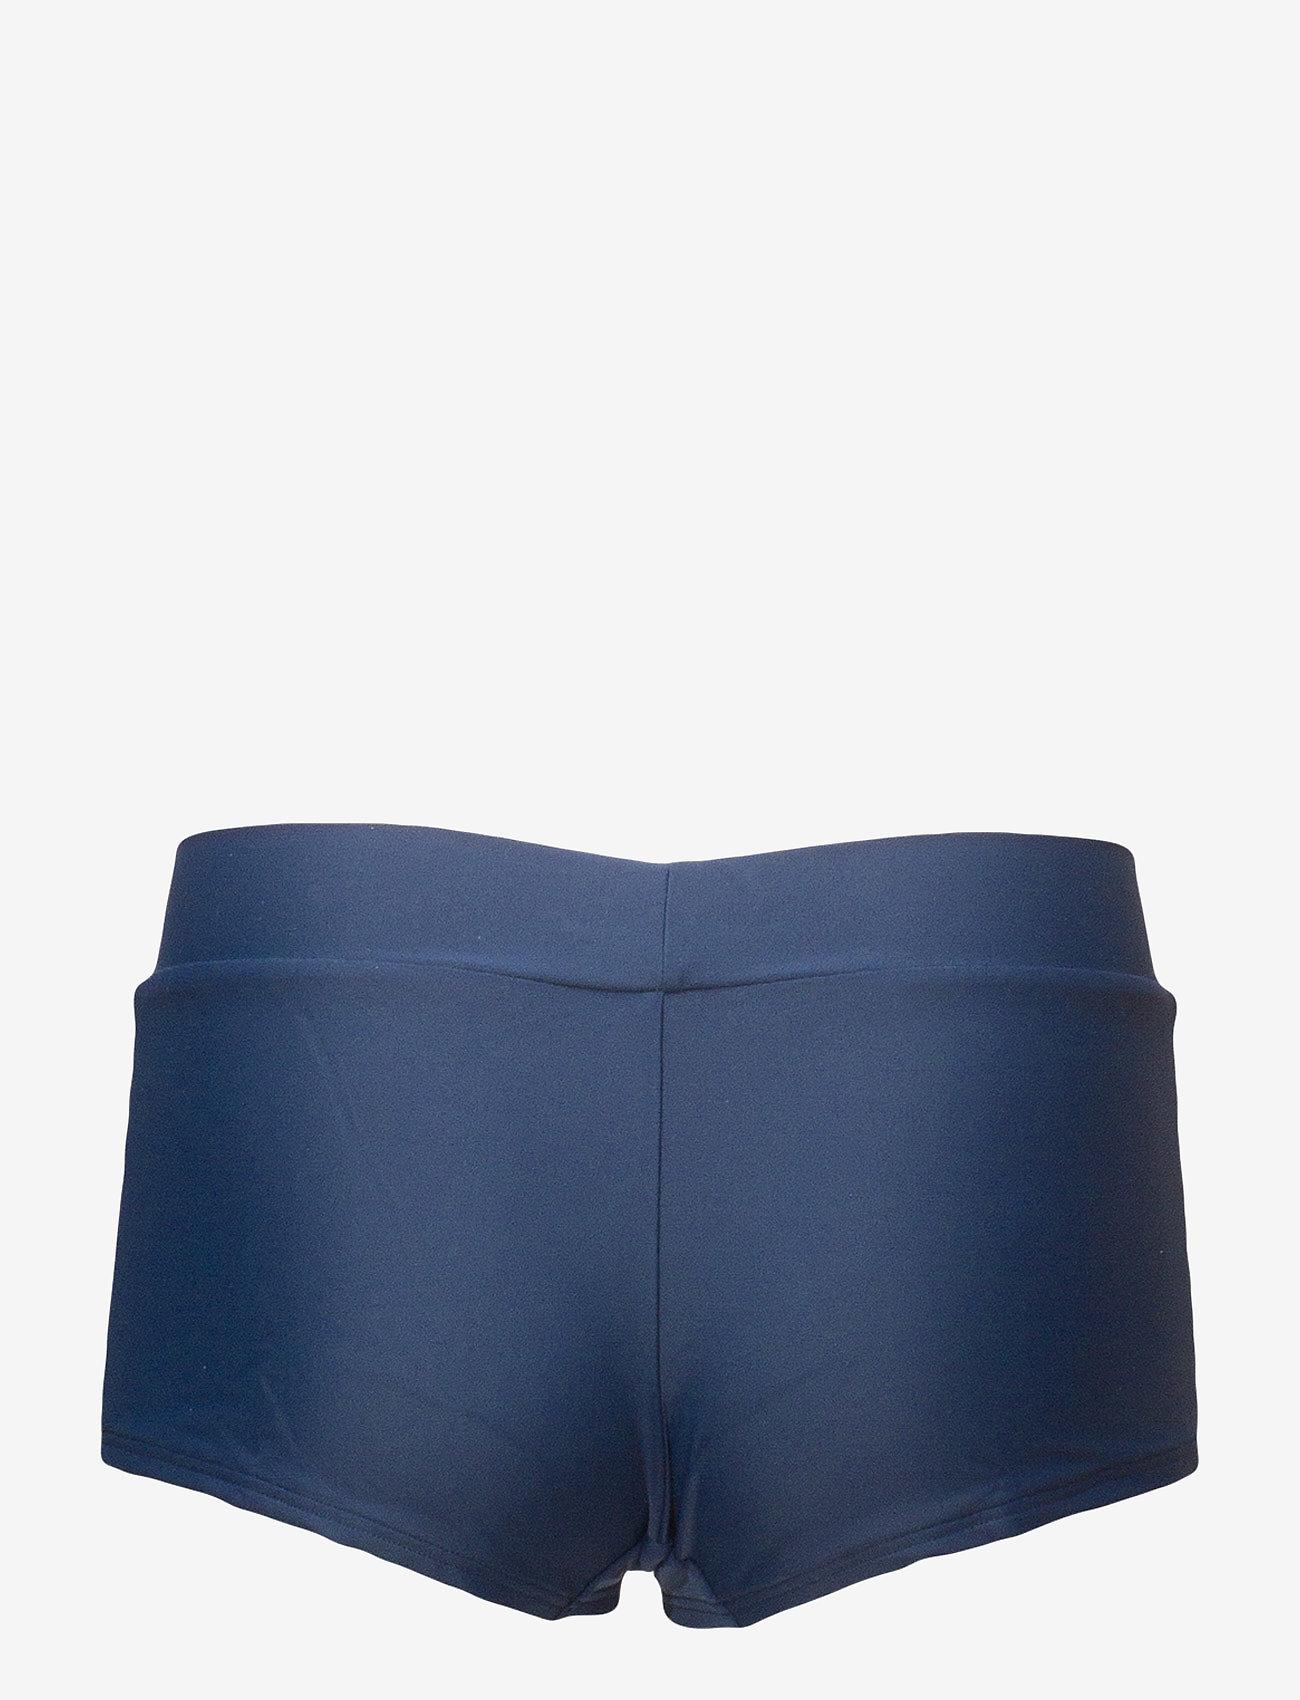 Panos Emporio - PALLAS-6 - bikini apakšbikses - navy - 1